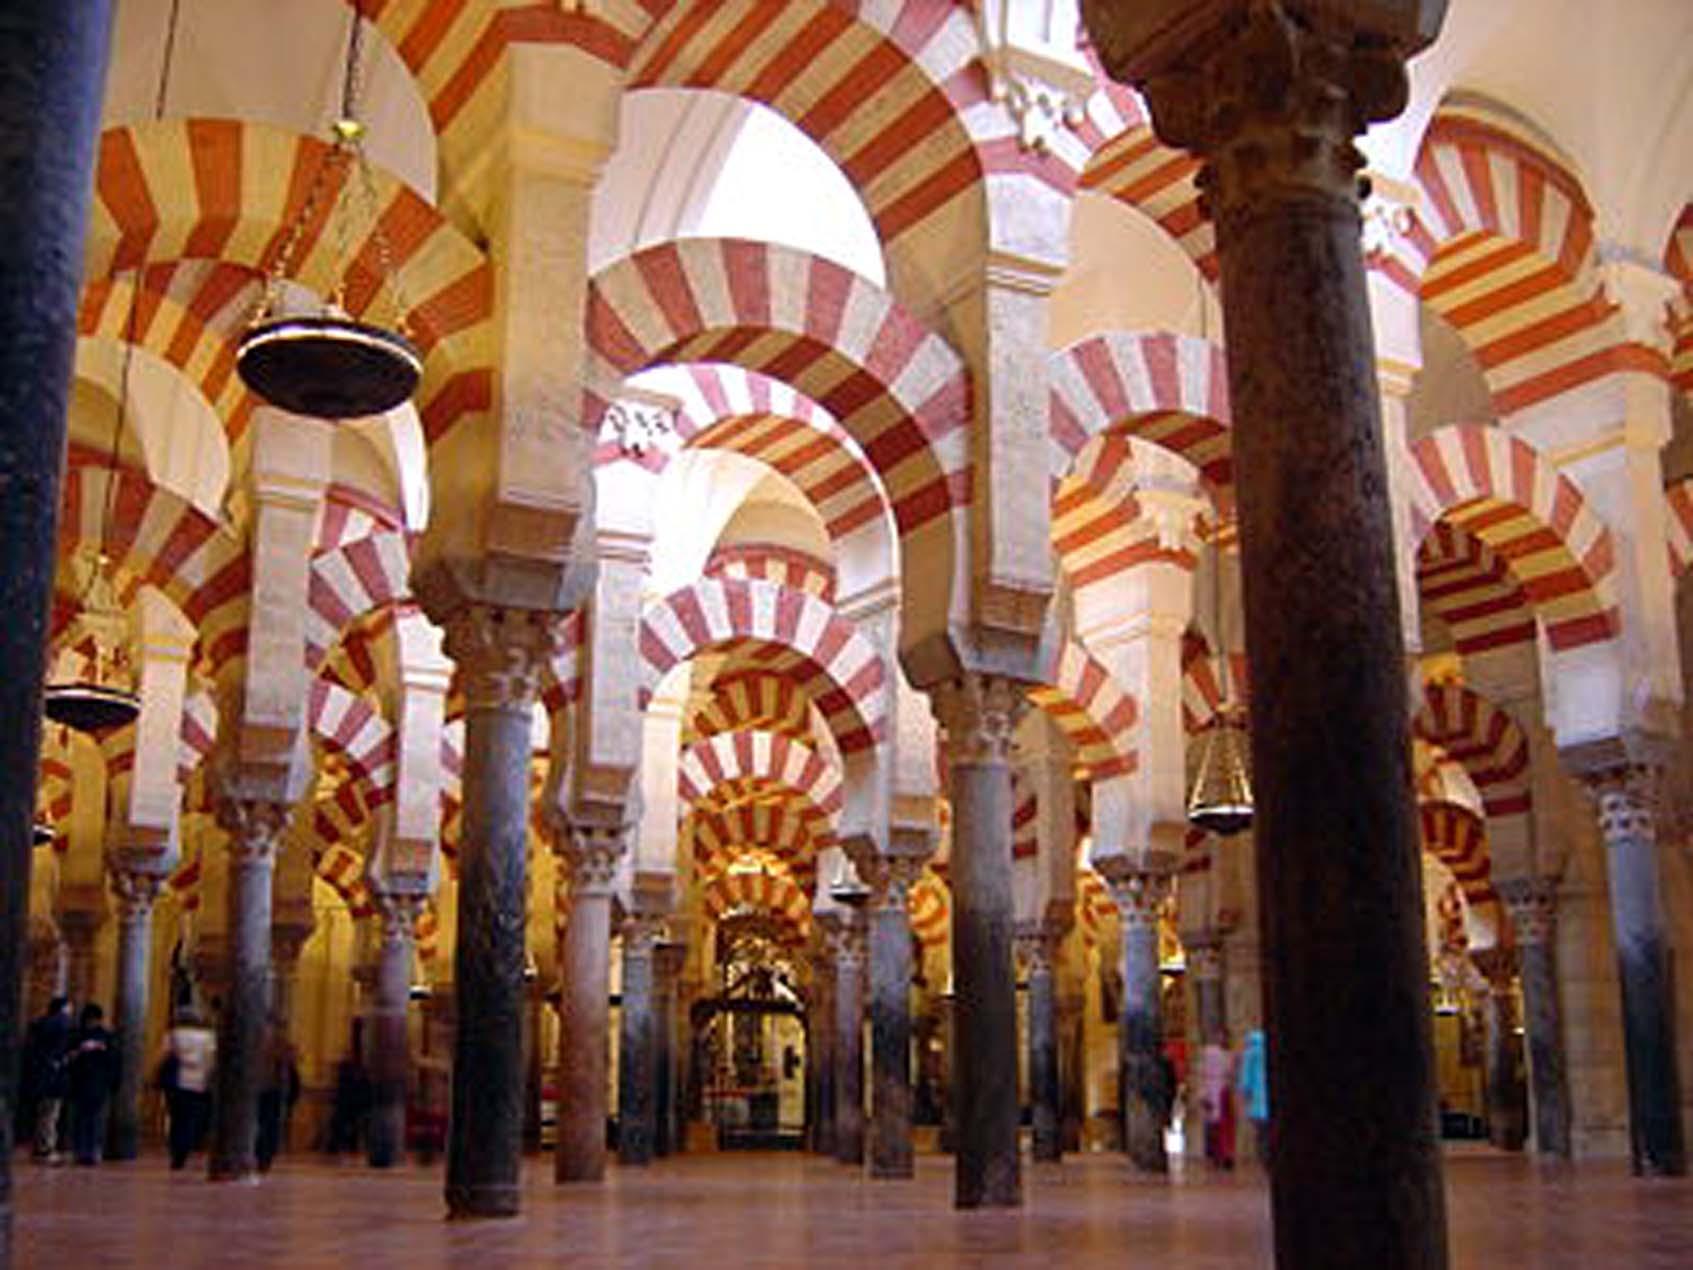 La cattedrale di Cordoba Mezquita (Moschea)